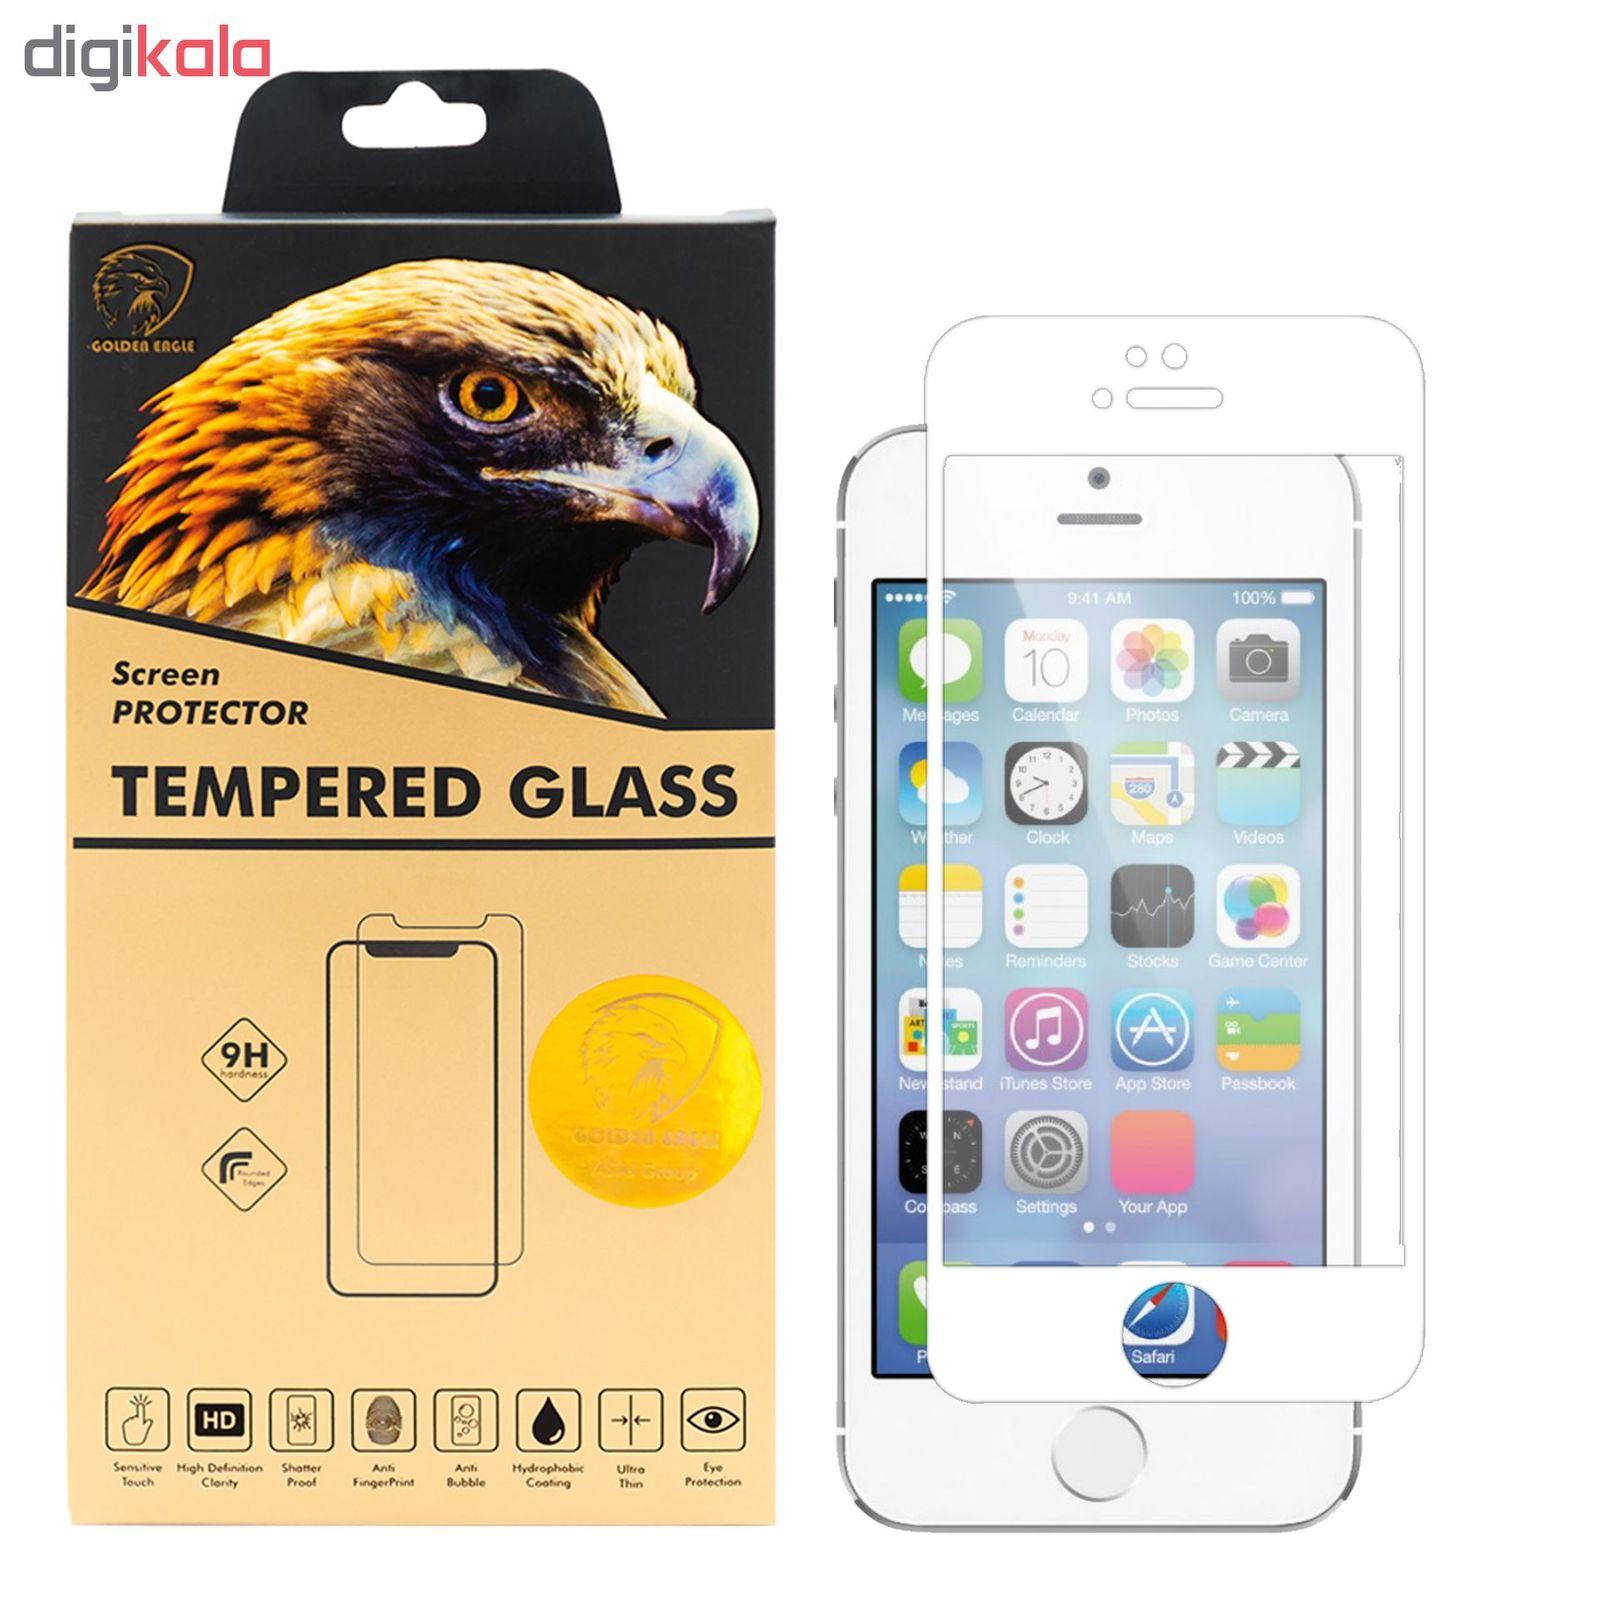 محافظ صفحه نمایش گلدن ایگل مدل DFC-X1 مناسب برای گوشی موبایل اپل iPhone SE main 1 2